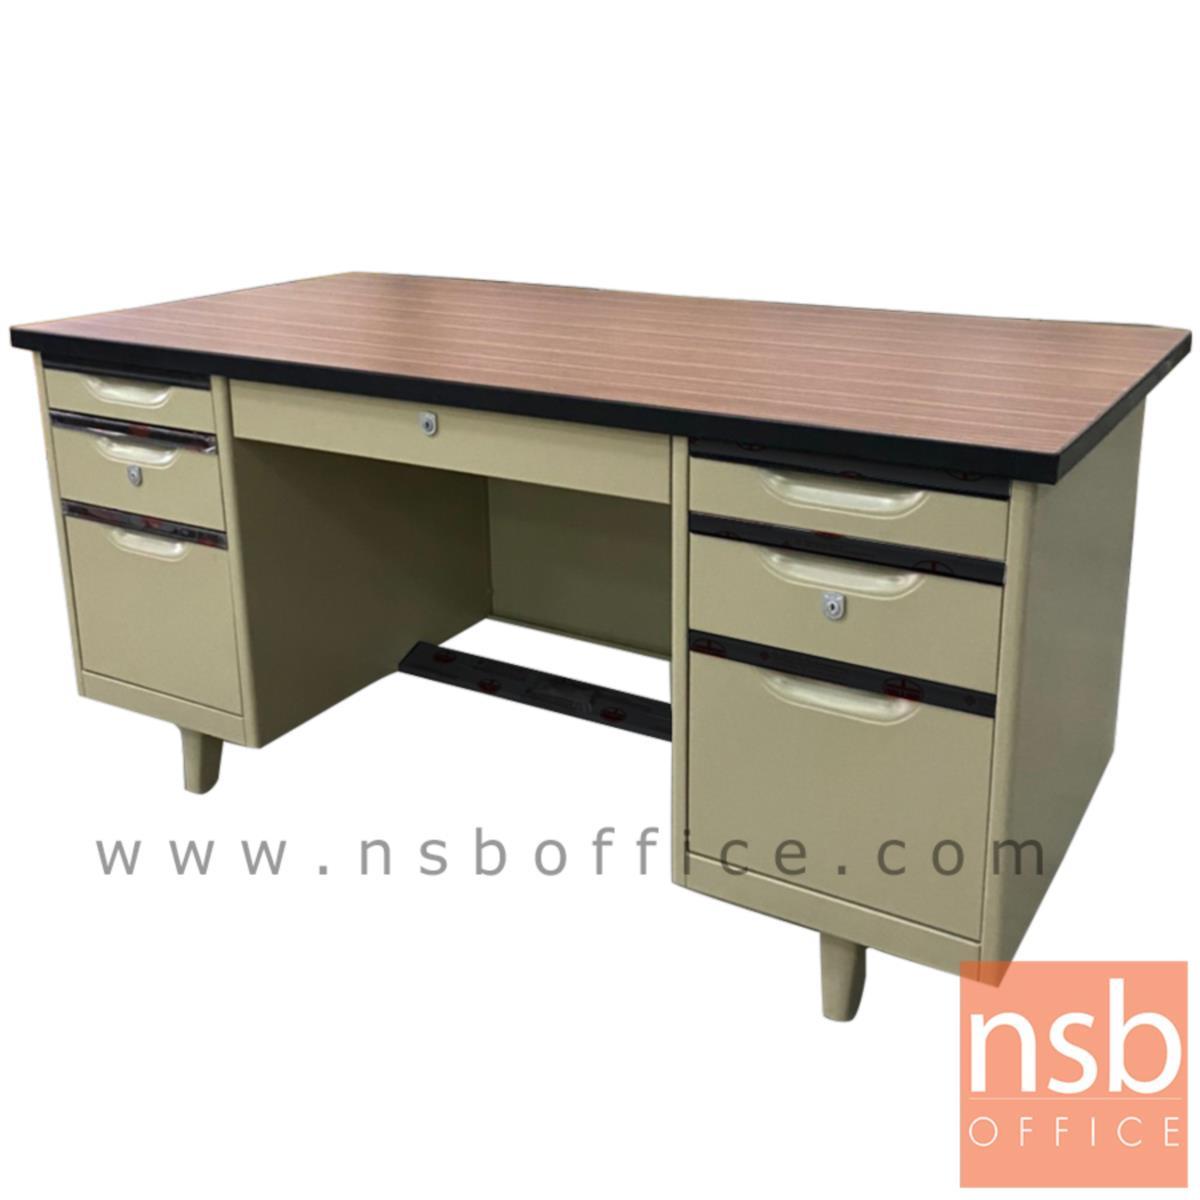 โต๊ะทำงานเหล็กหน้าโฟเมก้าลายไม้ 7 ลิ้นชัก ยี่ห้อ Lucky  รุ่น NTC-2654,NTC-3060,NTC-3472